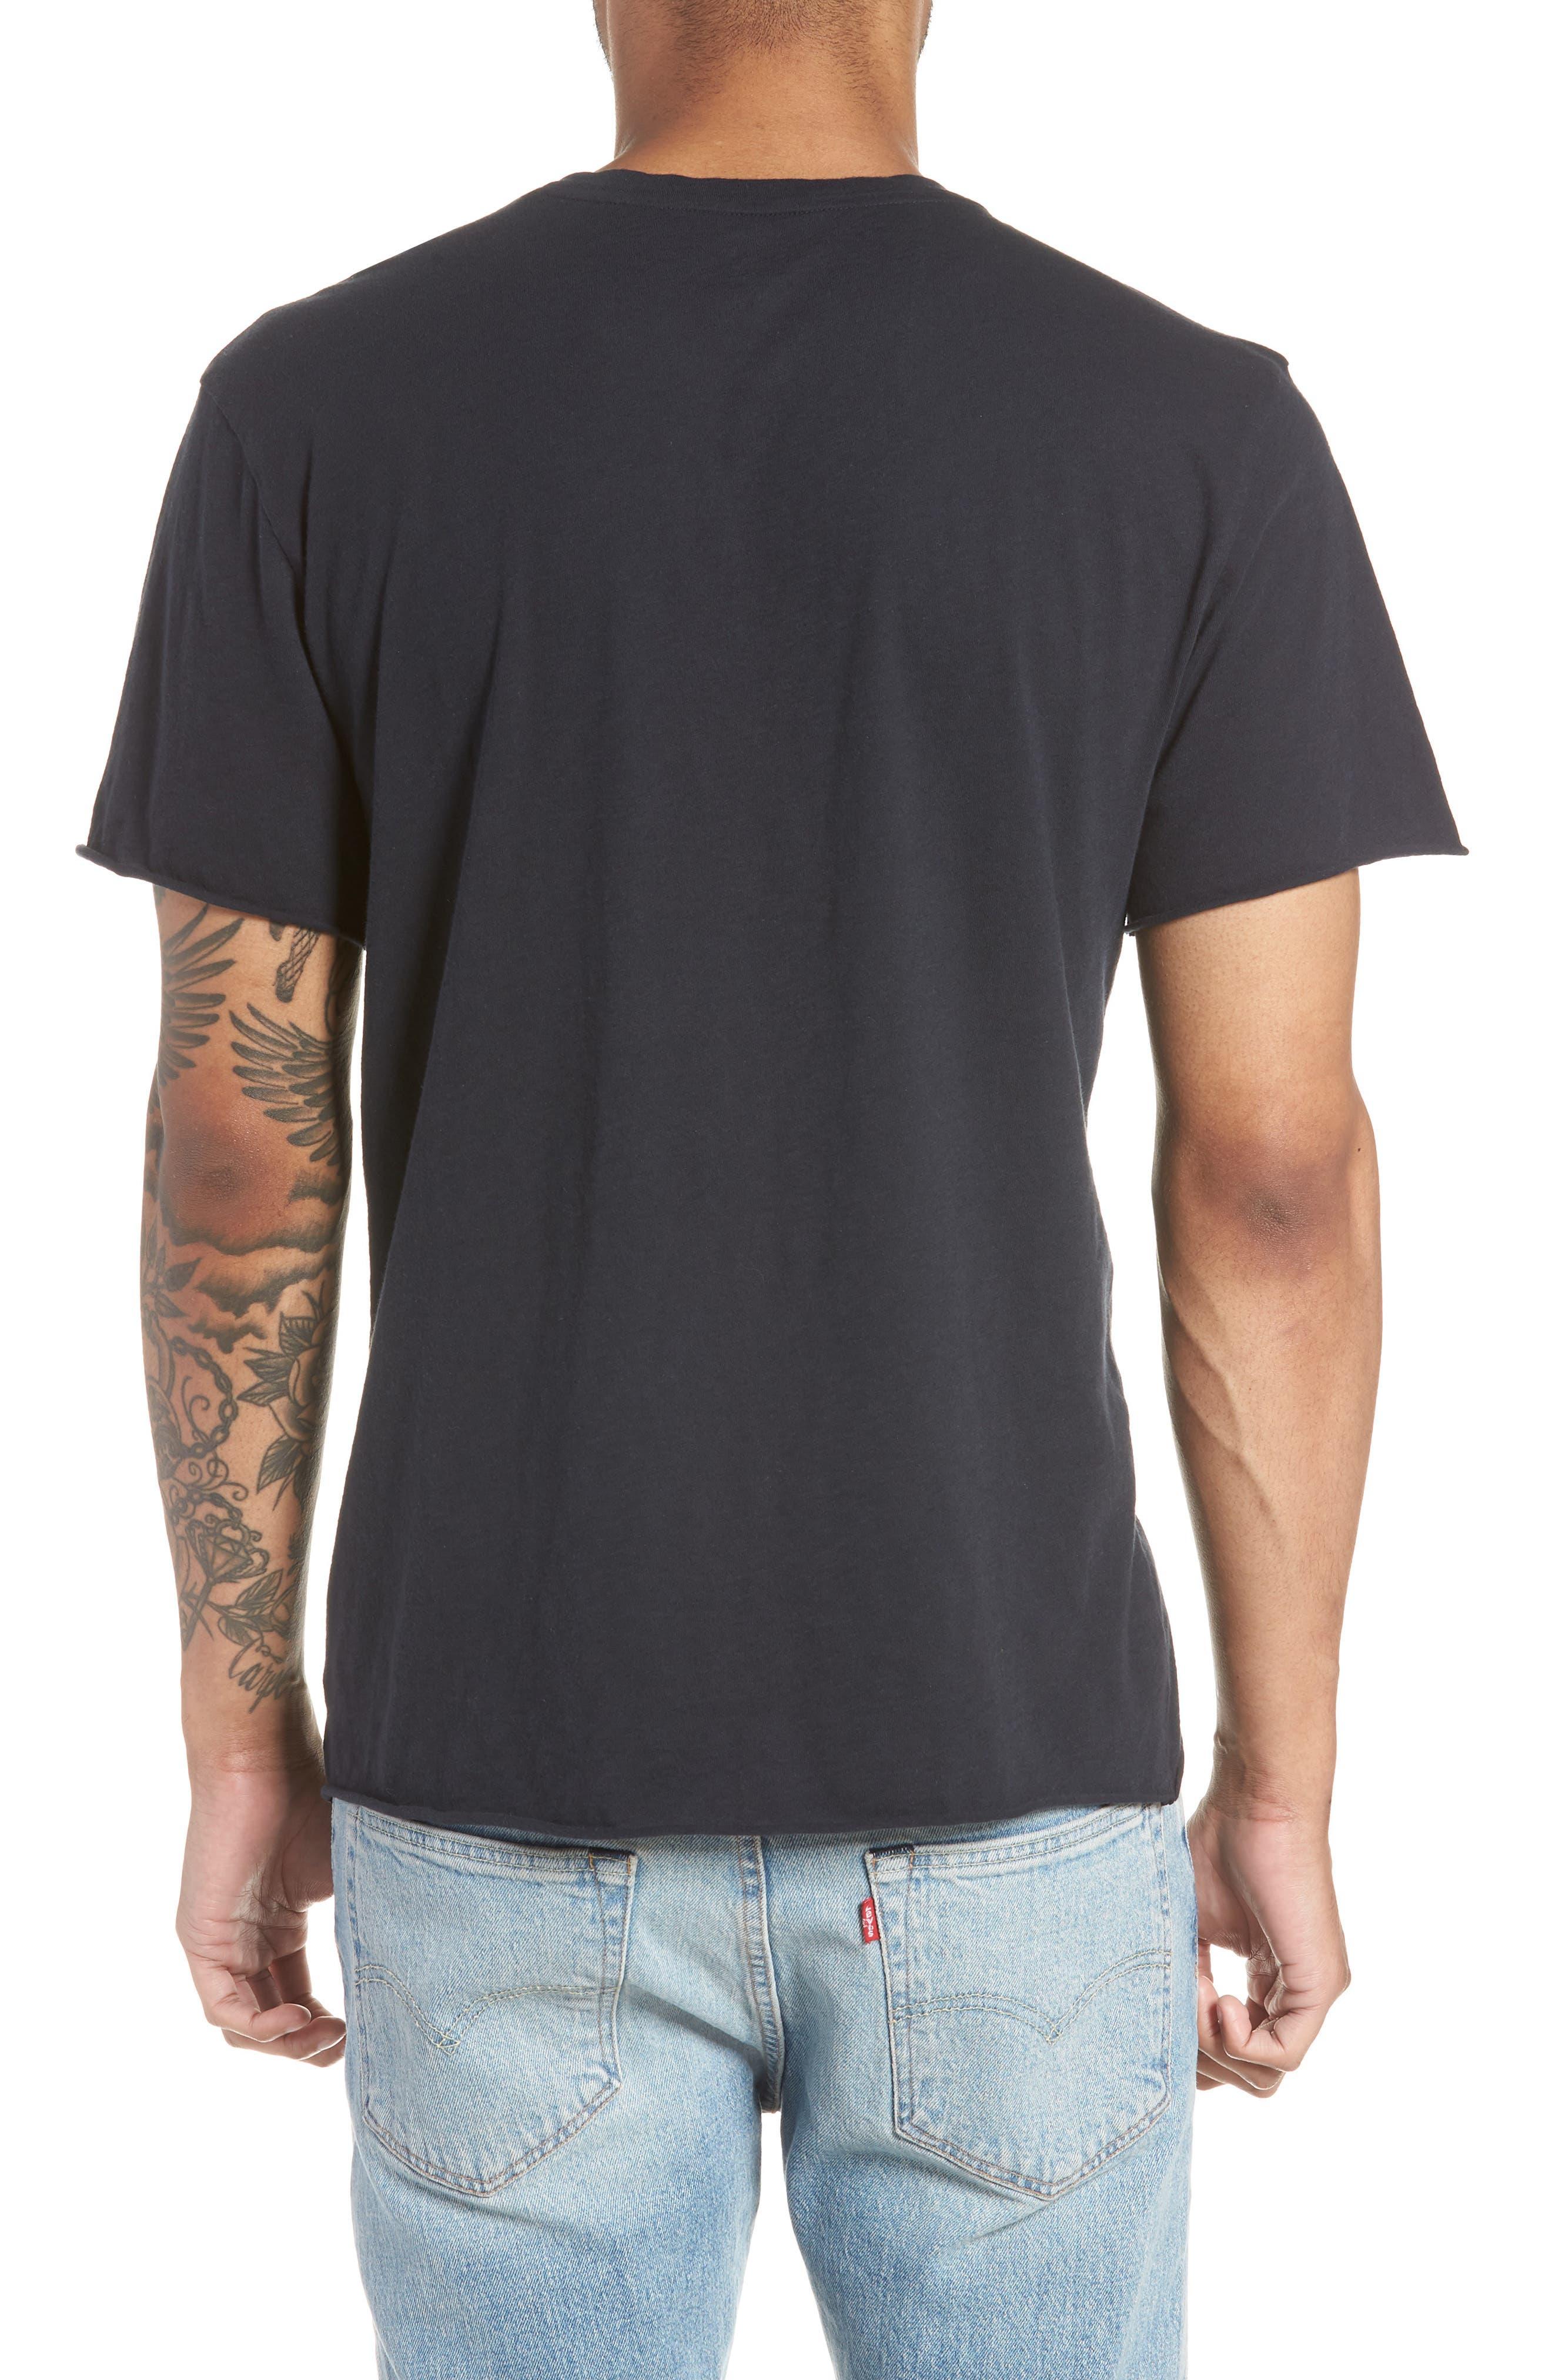 Jimi Hendrix Trim Fit T-Shirt,                             Alternate thumbnail 2, color,                             Black Rock Hendrix